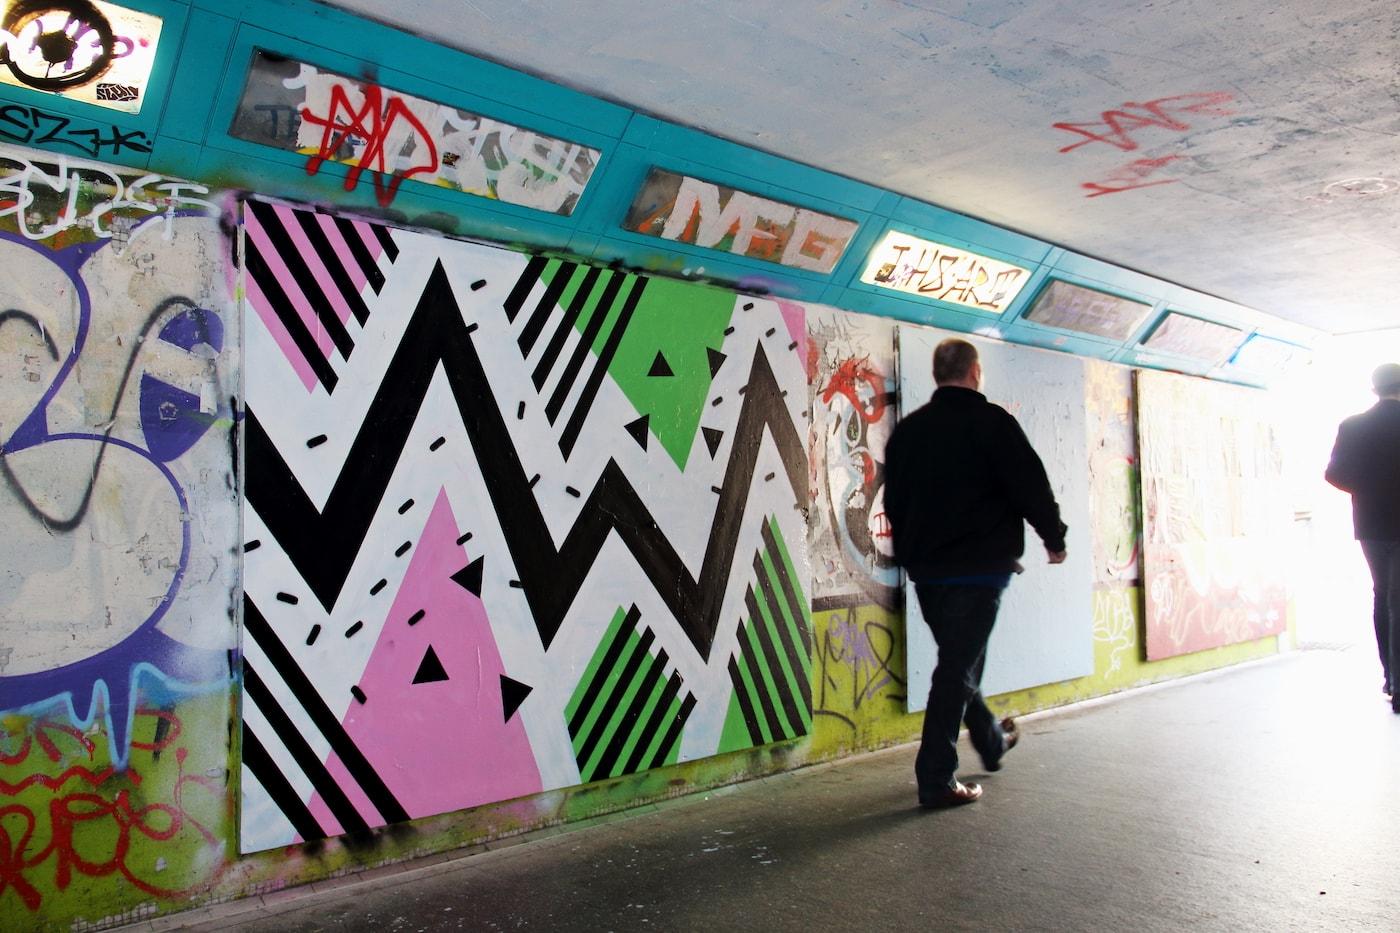 bear-pit-bristol-street-art-graffiti